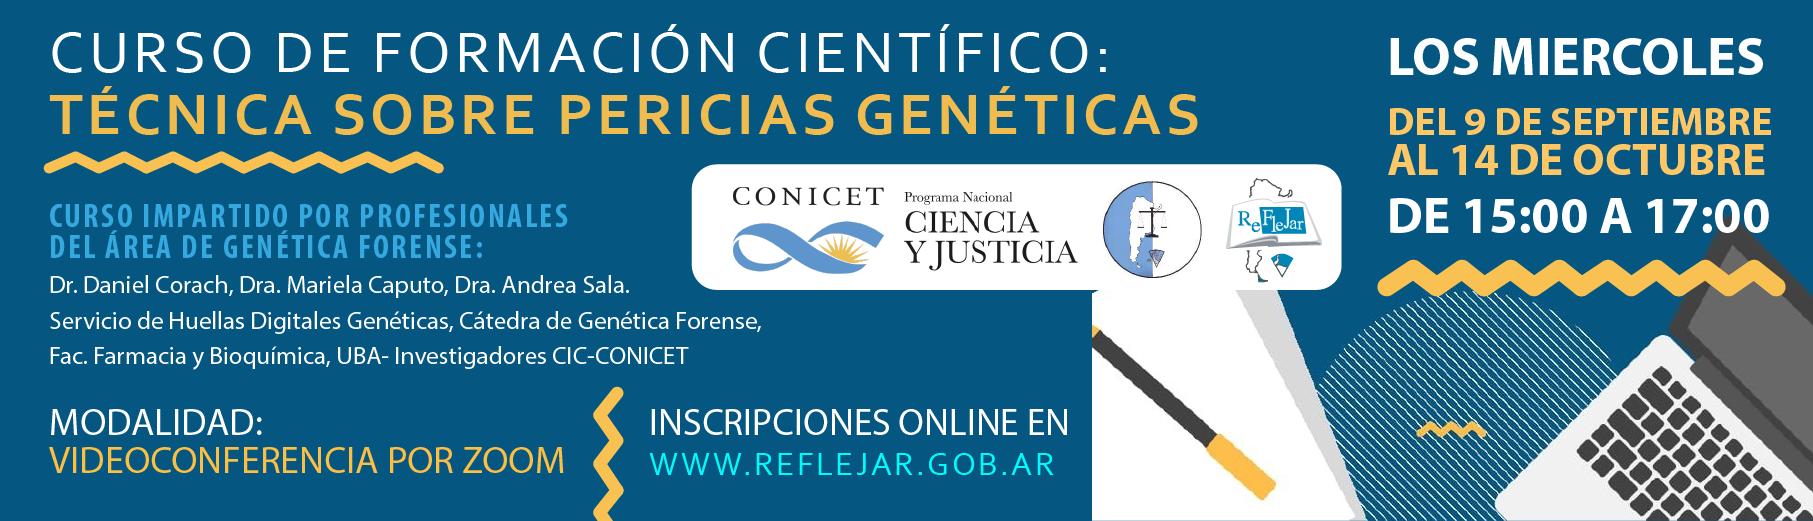 Curso de Formación Científico-Técnica sobre Pericias Genéticas